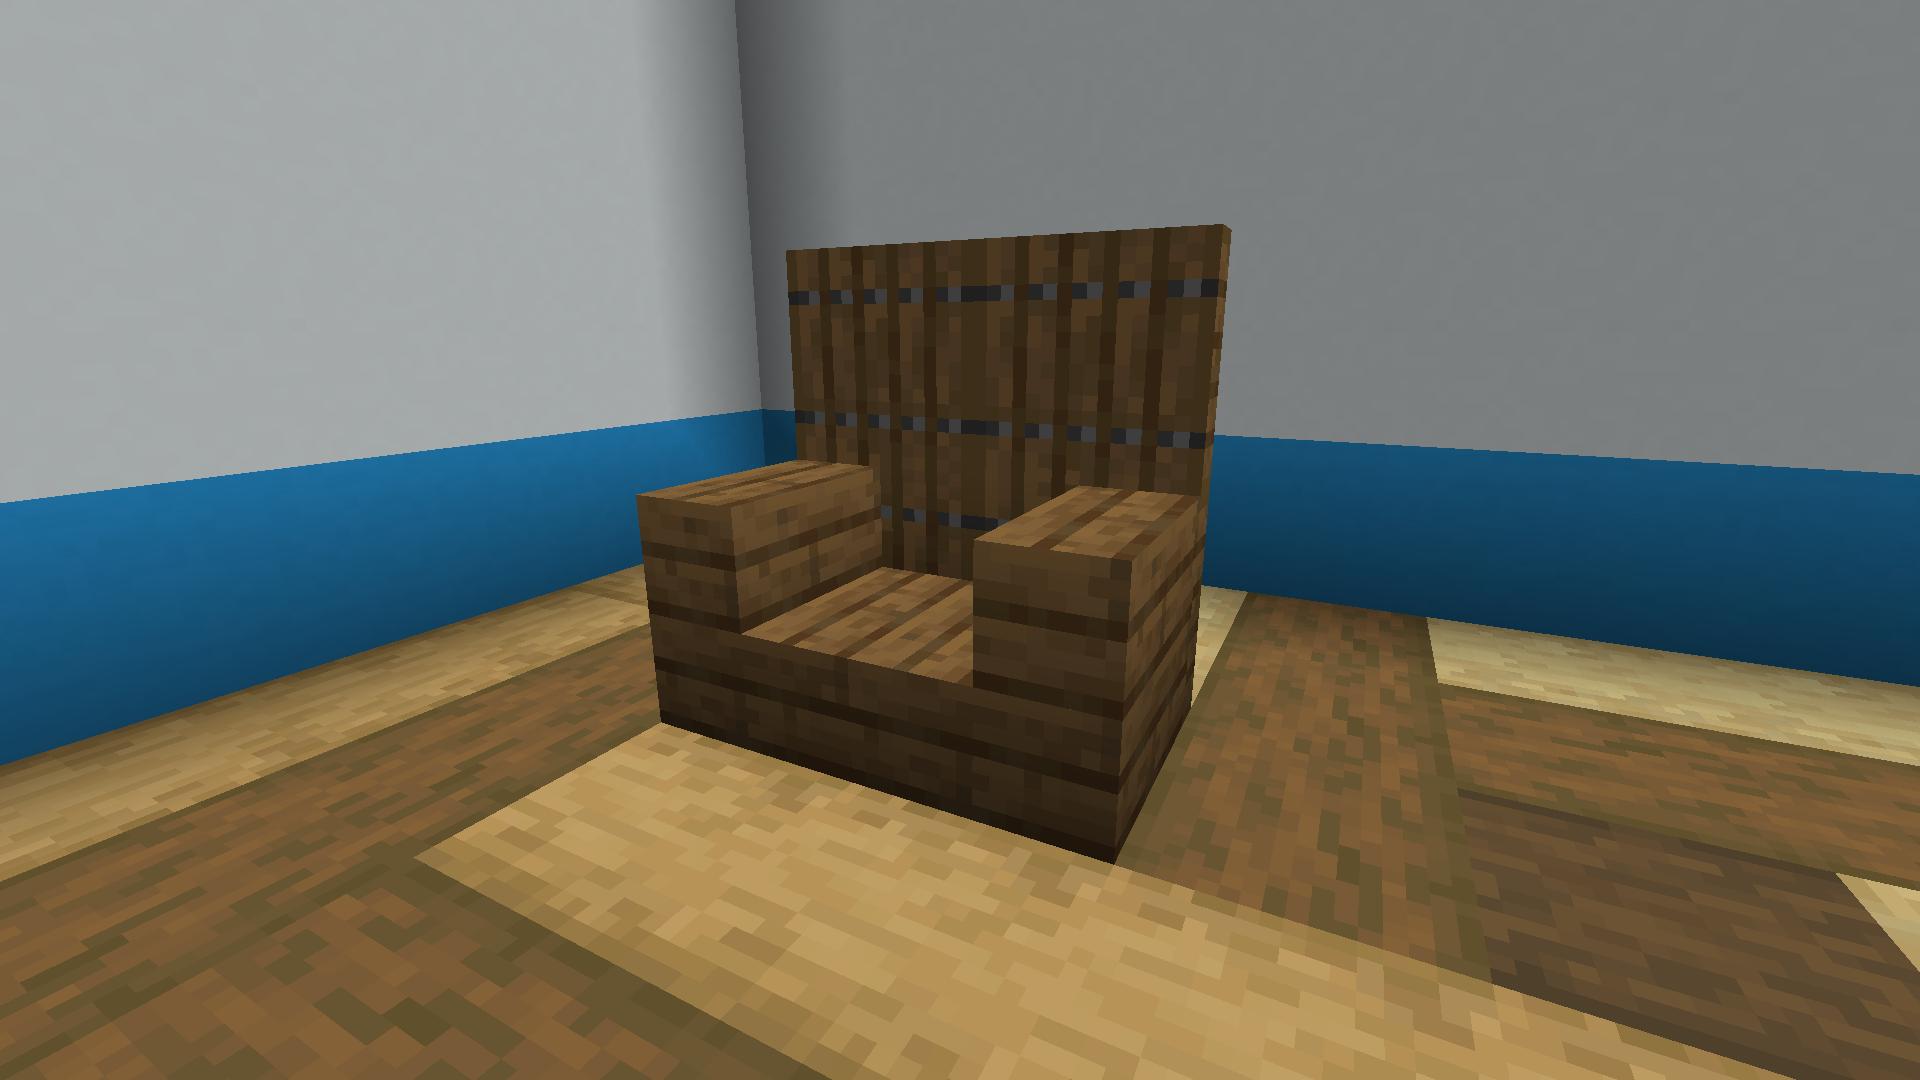 Trapdoor Stair Chair Minecraft Furniture